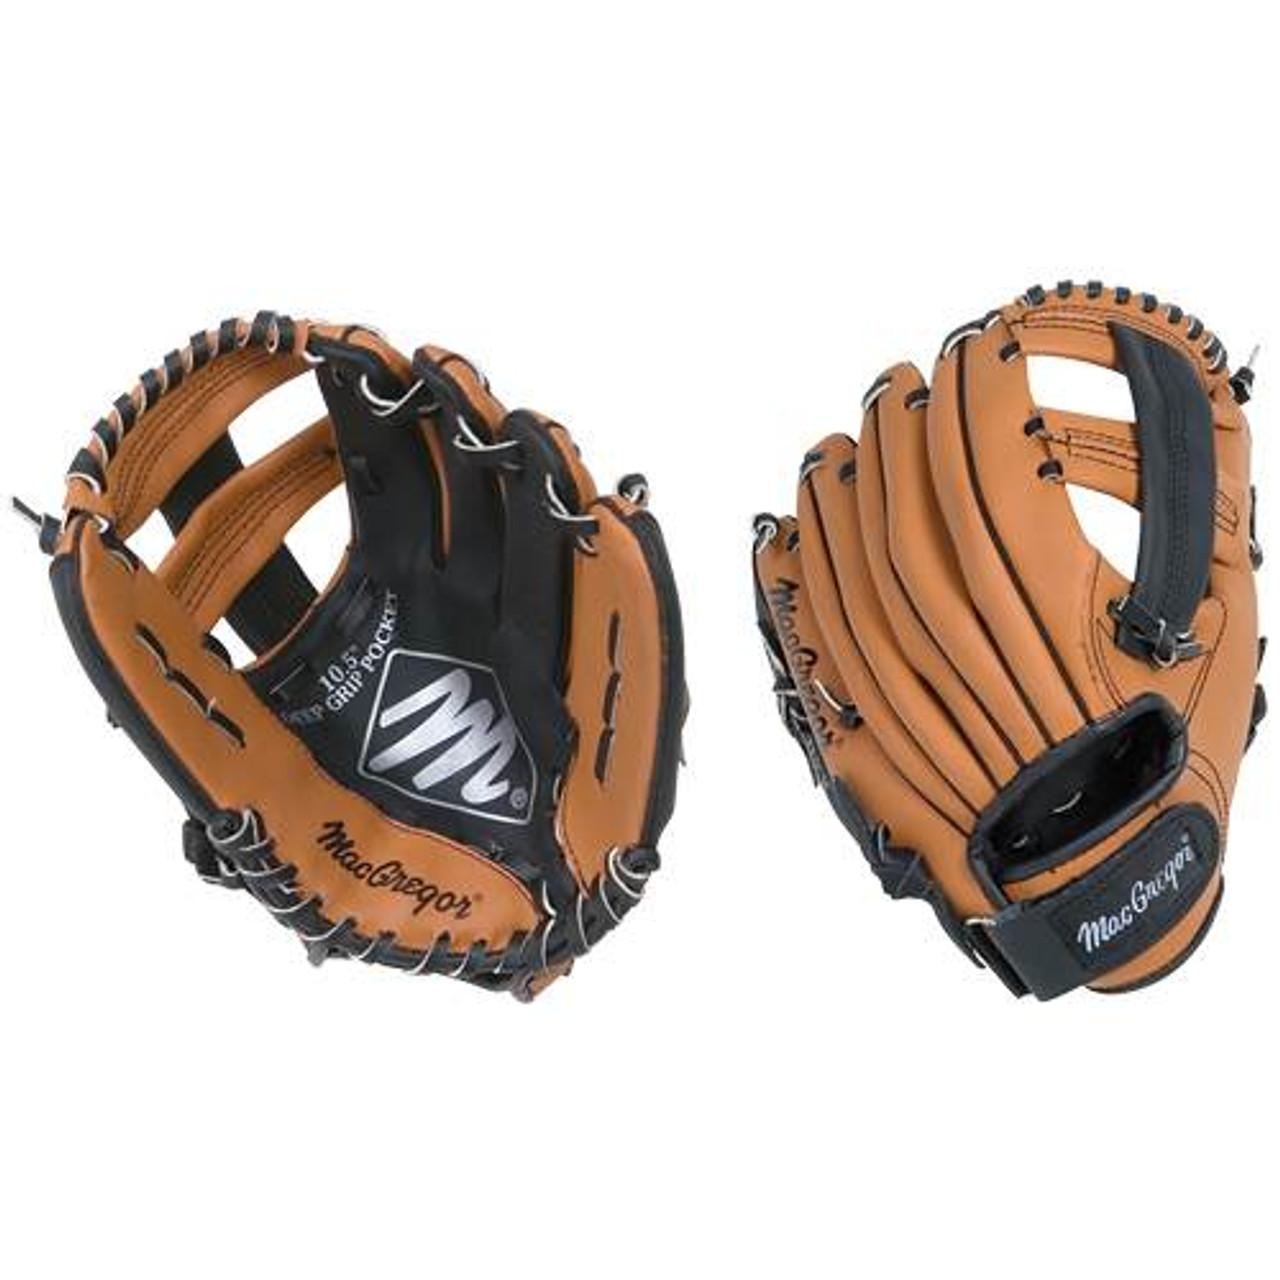 MacGregor Baseball 10-1/2'' Tee Ball Glove RHT